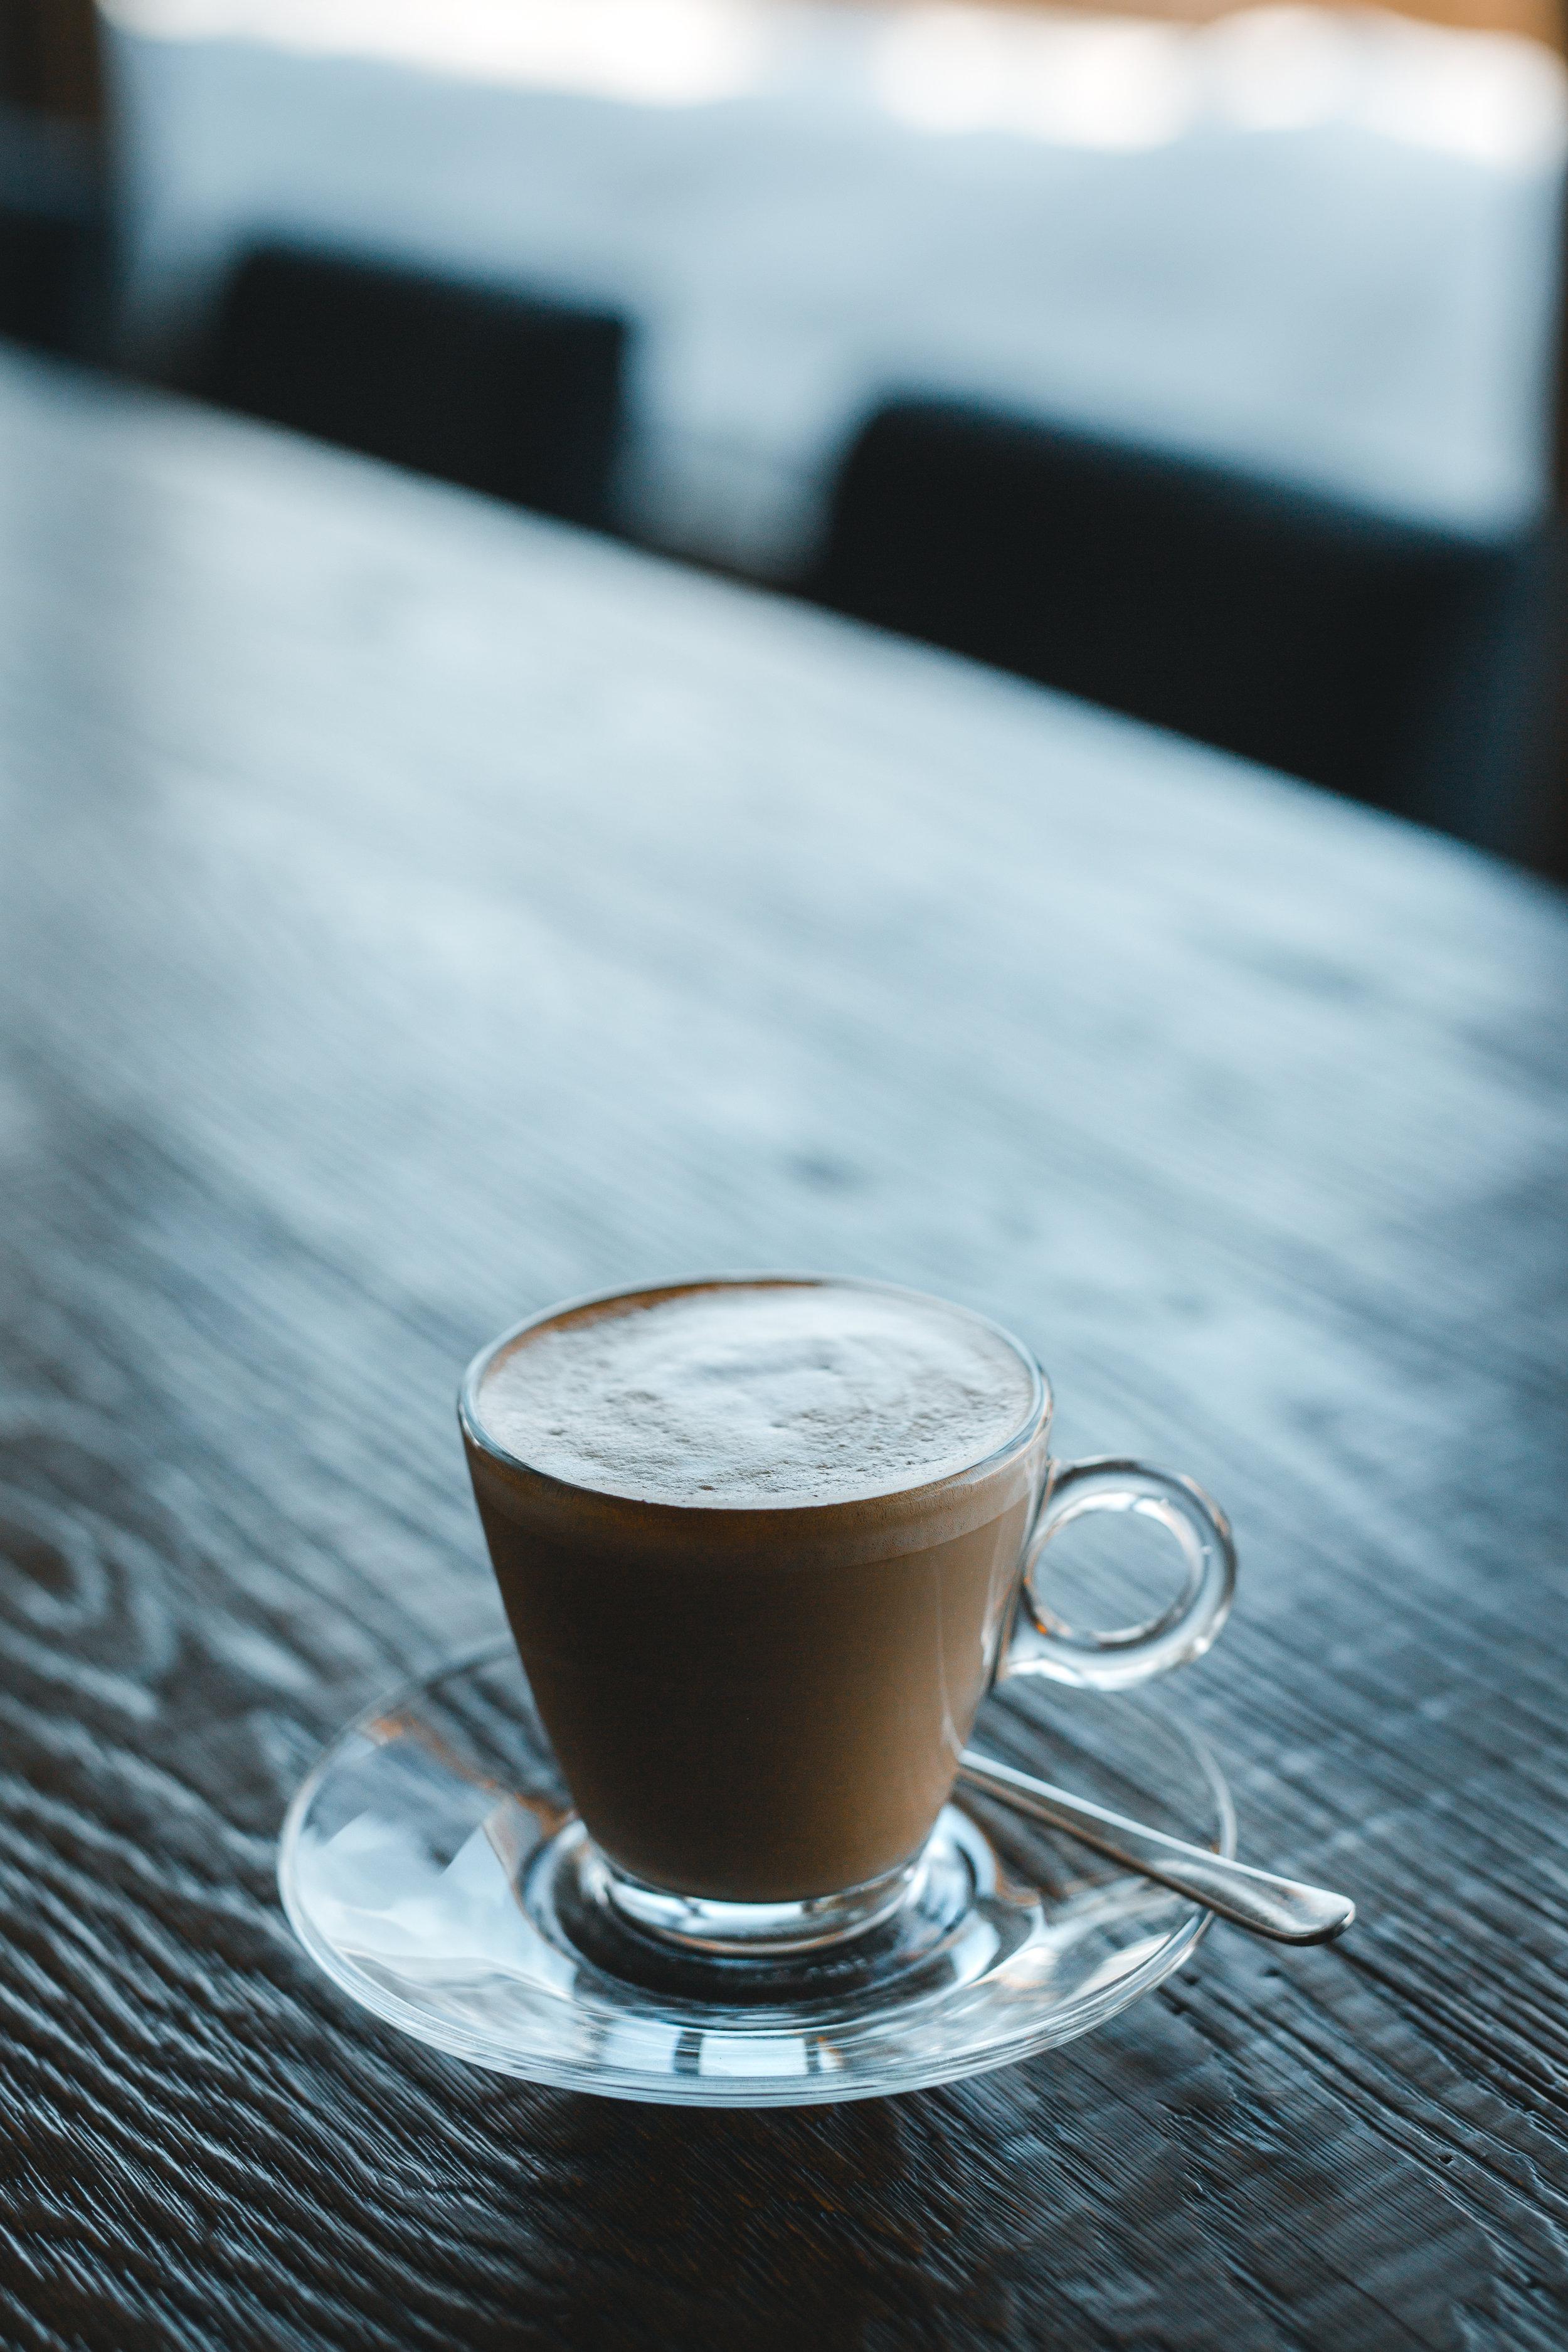 Auch Sie trinken Kaffee? Gut so! - Im Dienste unserer Kunden wirken wir täglich mit unendlich Ehrgeiz & Leidenschaft an vielseitig kreativen Lösungen und pflegen dabei einen sehr familiären Grundgedanken, um die von uns massgeschneiderten Leistungen, gemeinsam mit unseren Partner für Sie umsetzen zu können. Gerne beraten wir Sie bei einem gemeinsamen Kaffee.